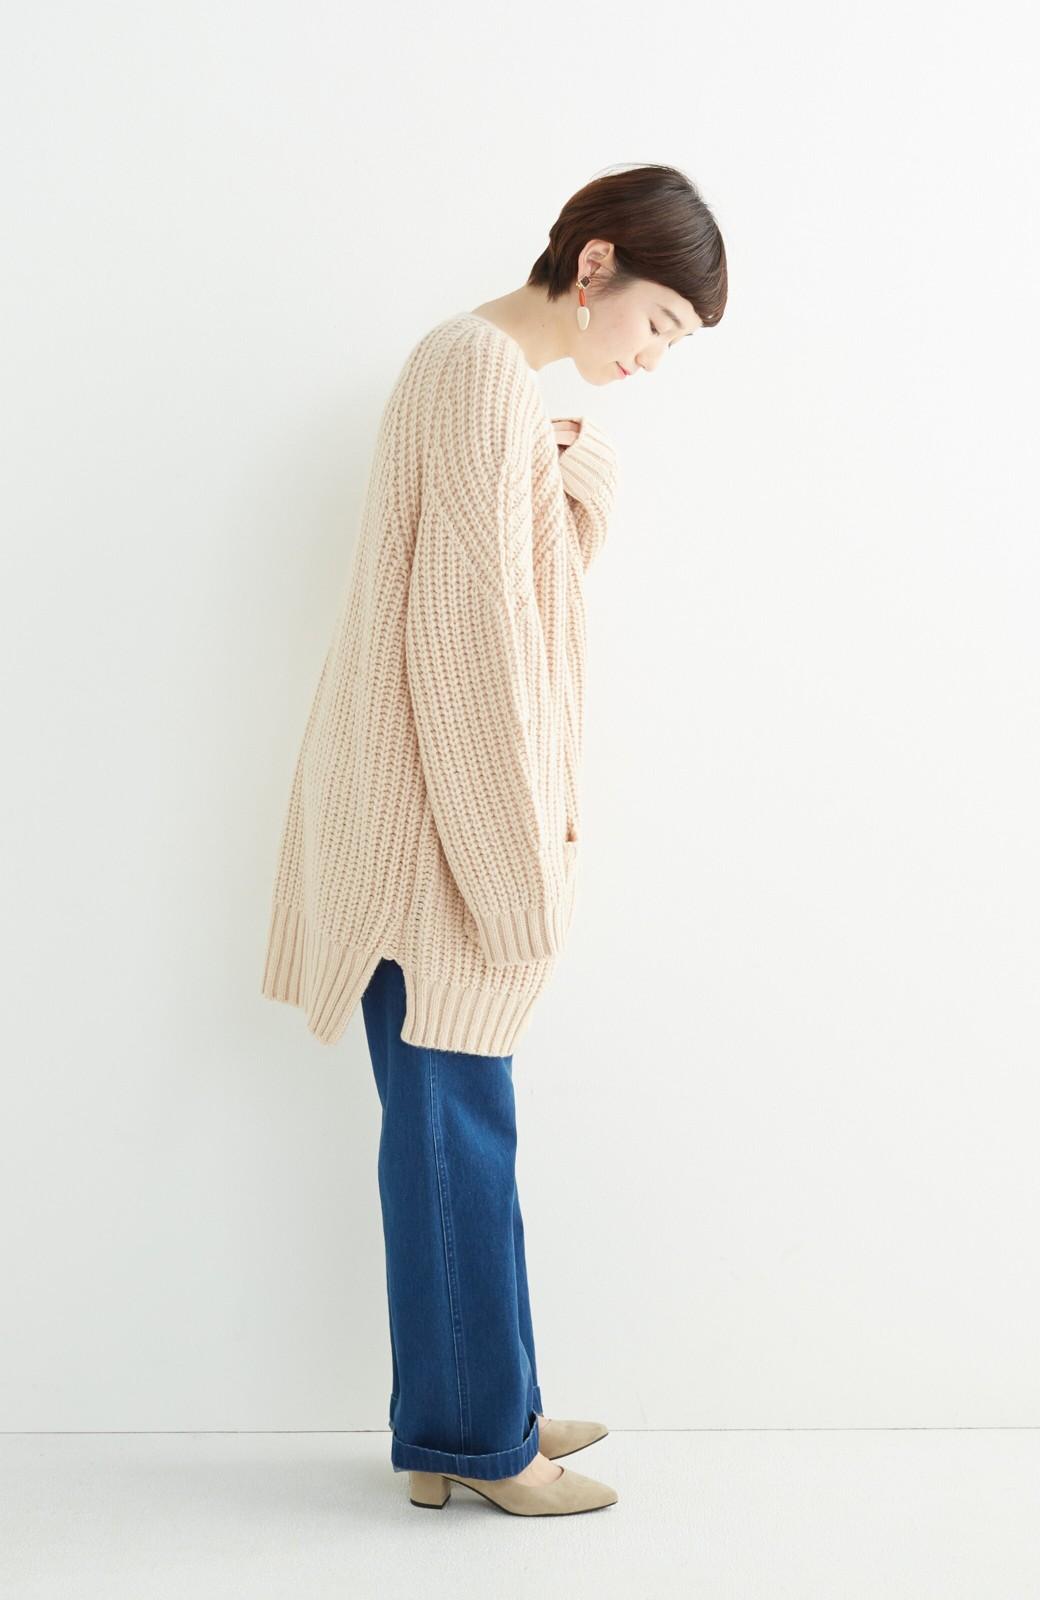 エムトロワ ぱっと羽織るのに便利なざっくり編みカーディガン <ライトベージュ>の商品写真7